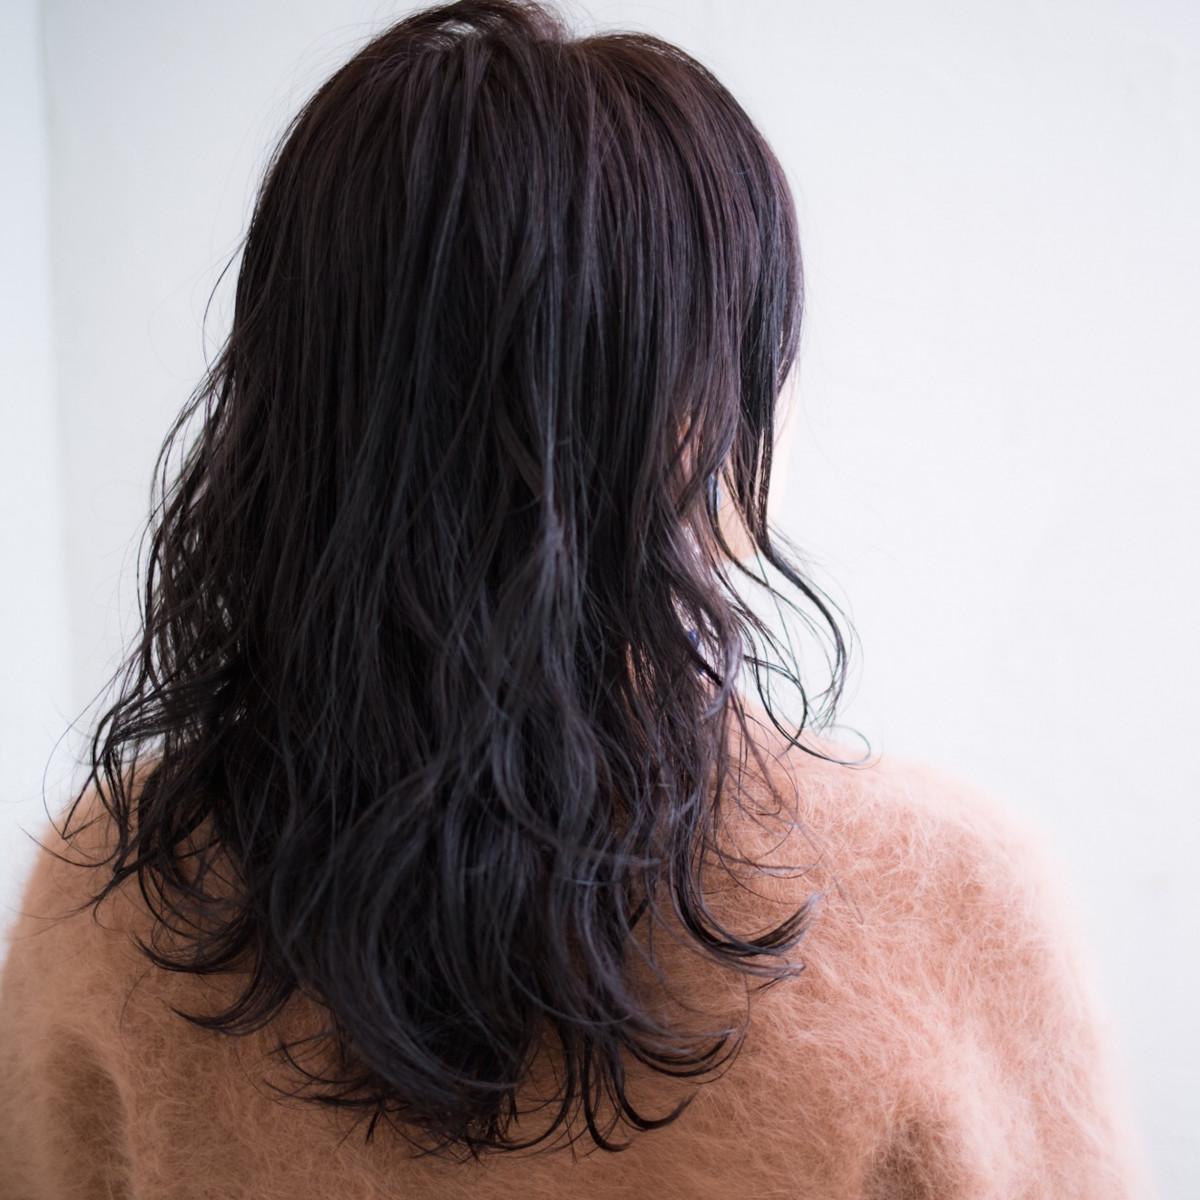 セミロング平巻きパーマさんの毛束スタイリング